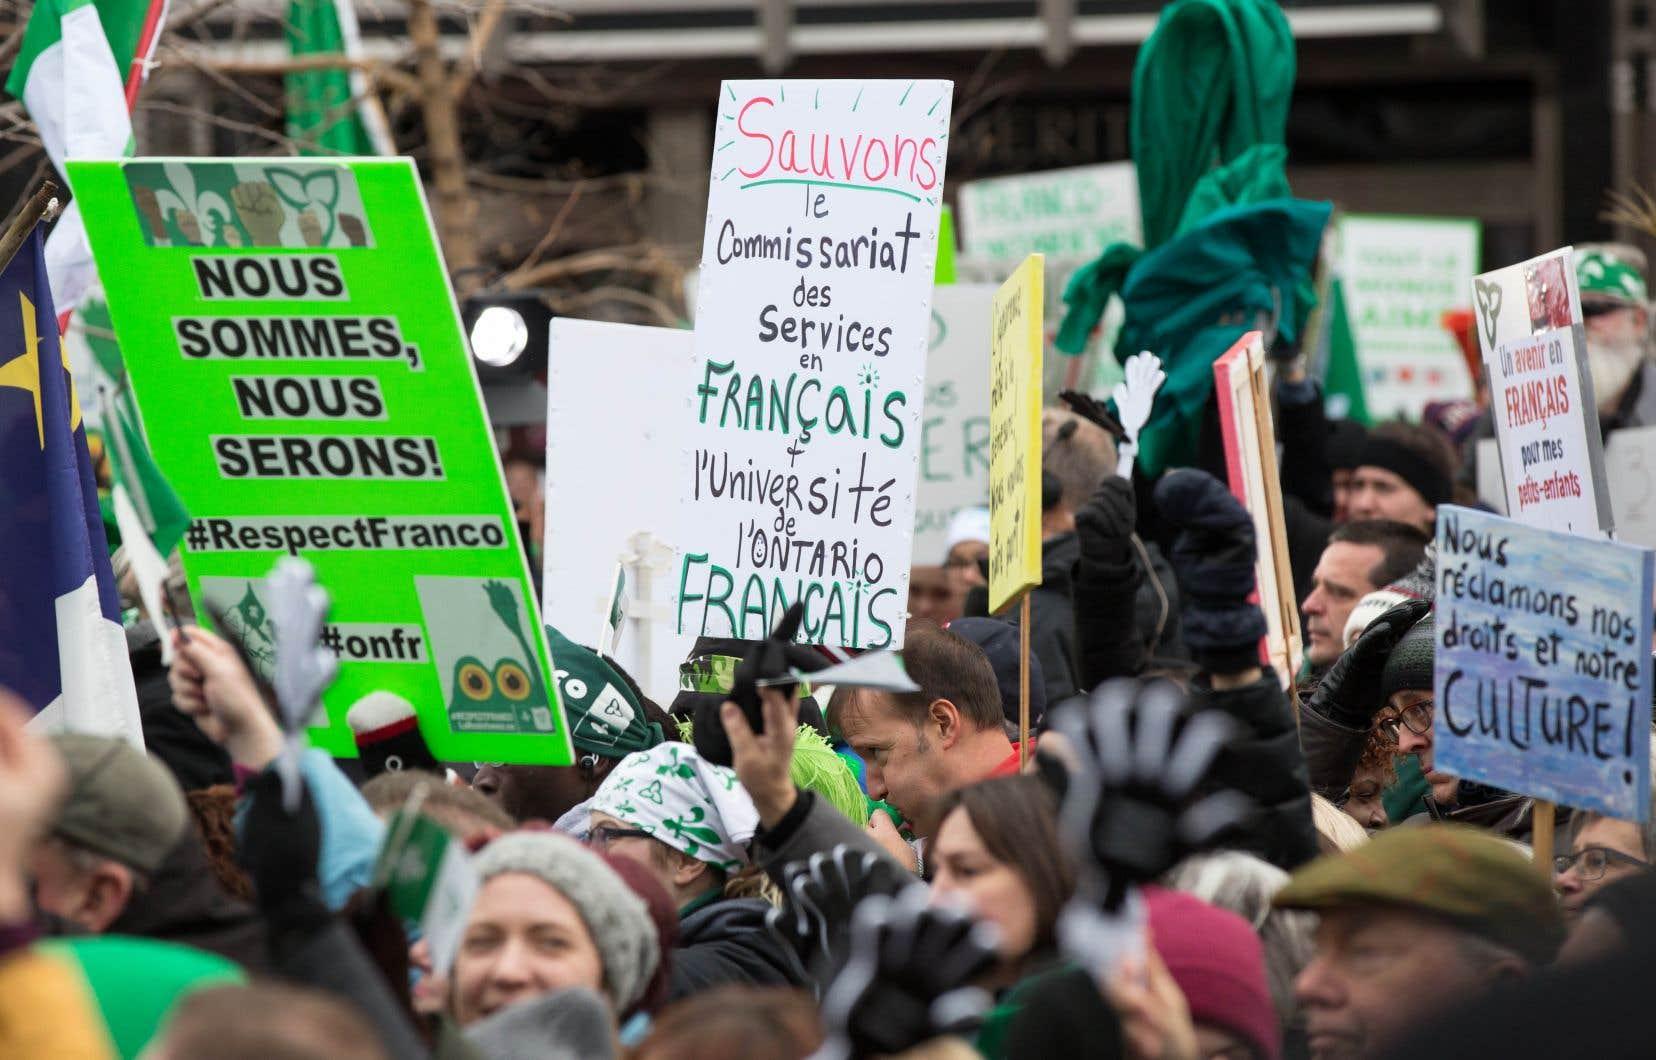 Le gouvernement fédéral est prêt à financer l'ouverture de l'Université de l'Ontario français à même son Plan d'action sur les langues officielles 2018-2023.